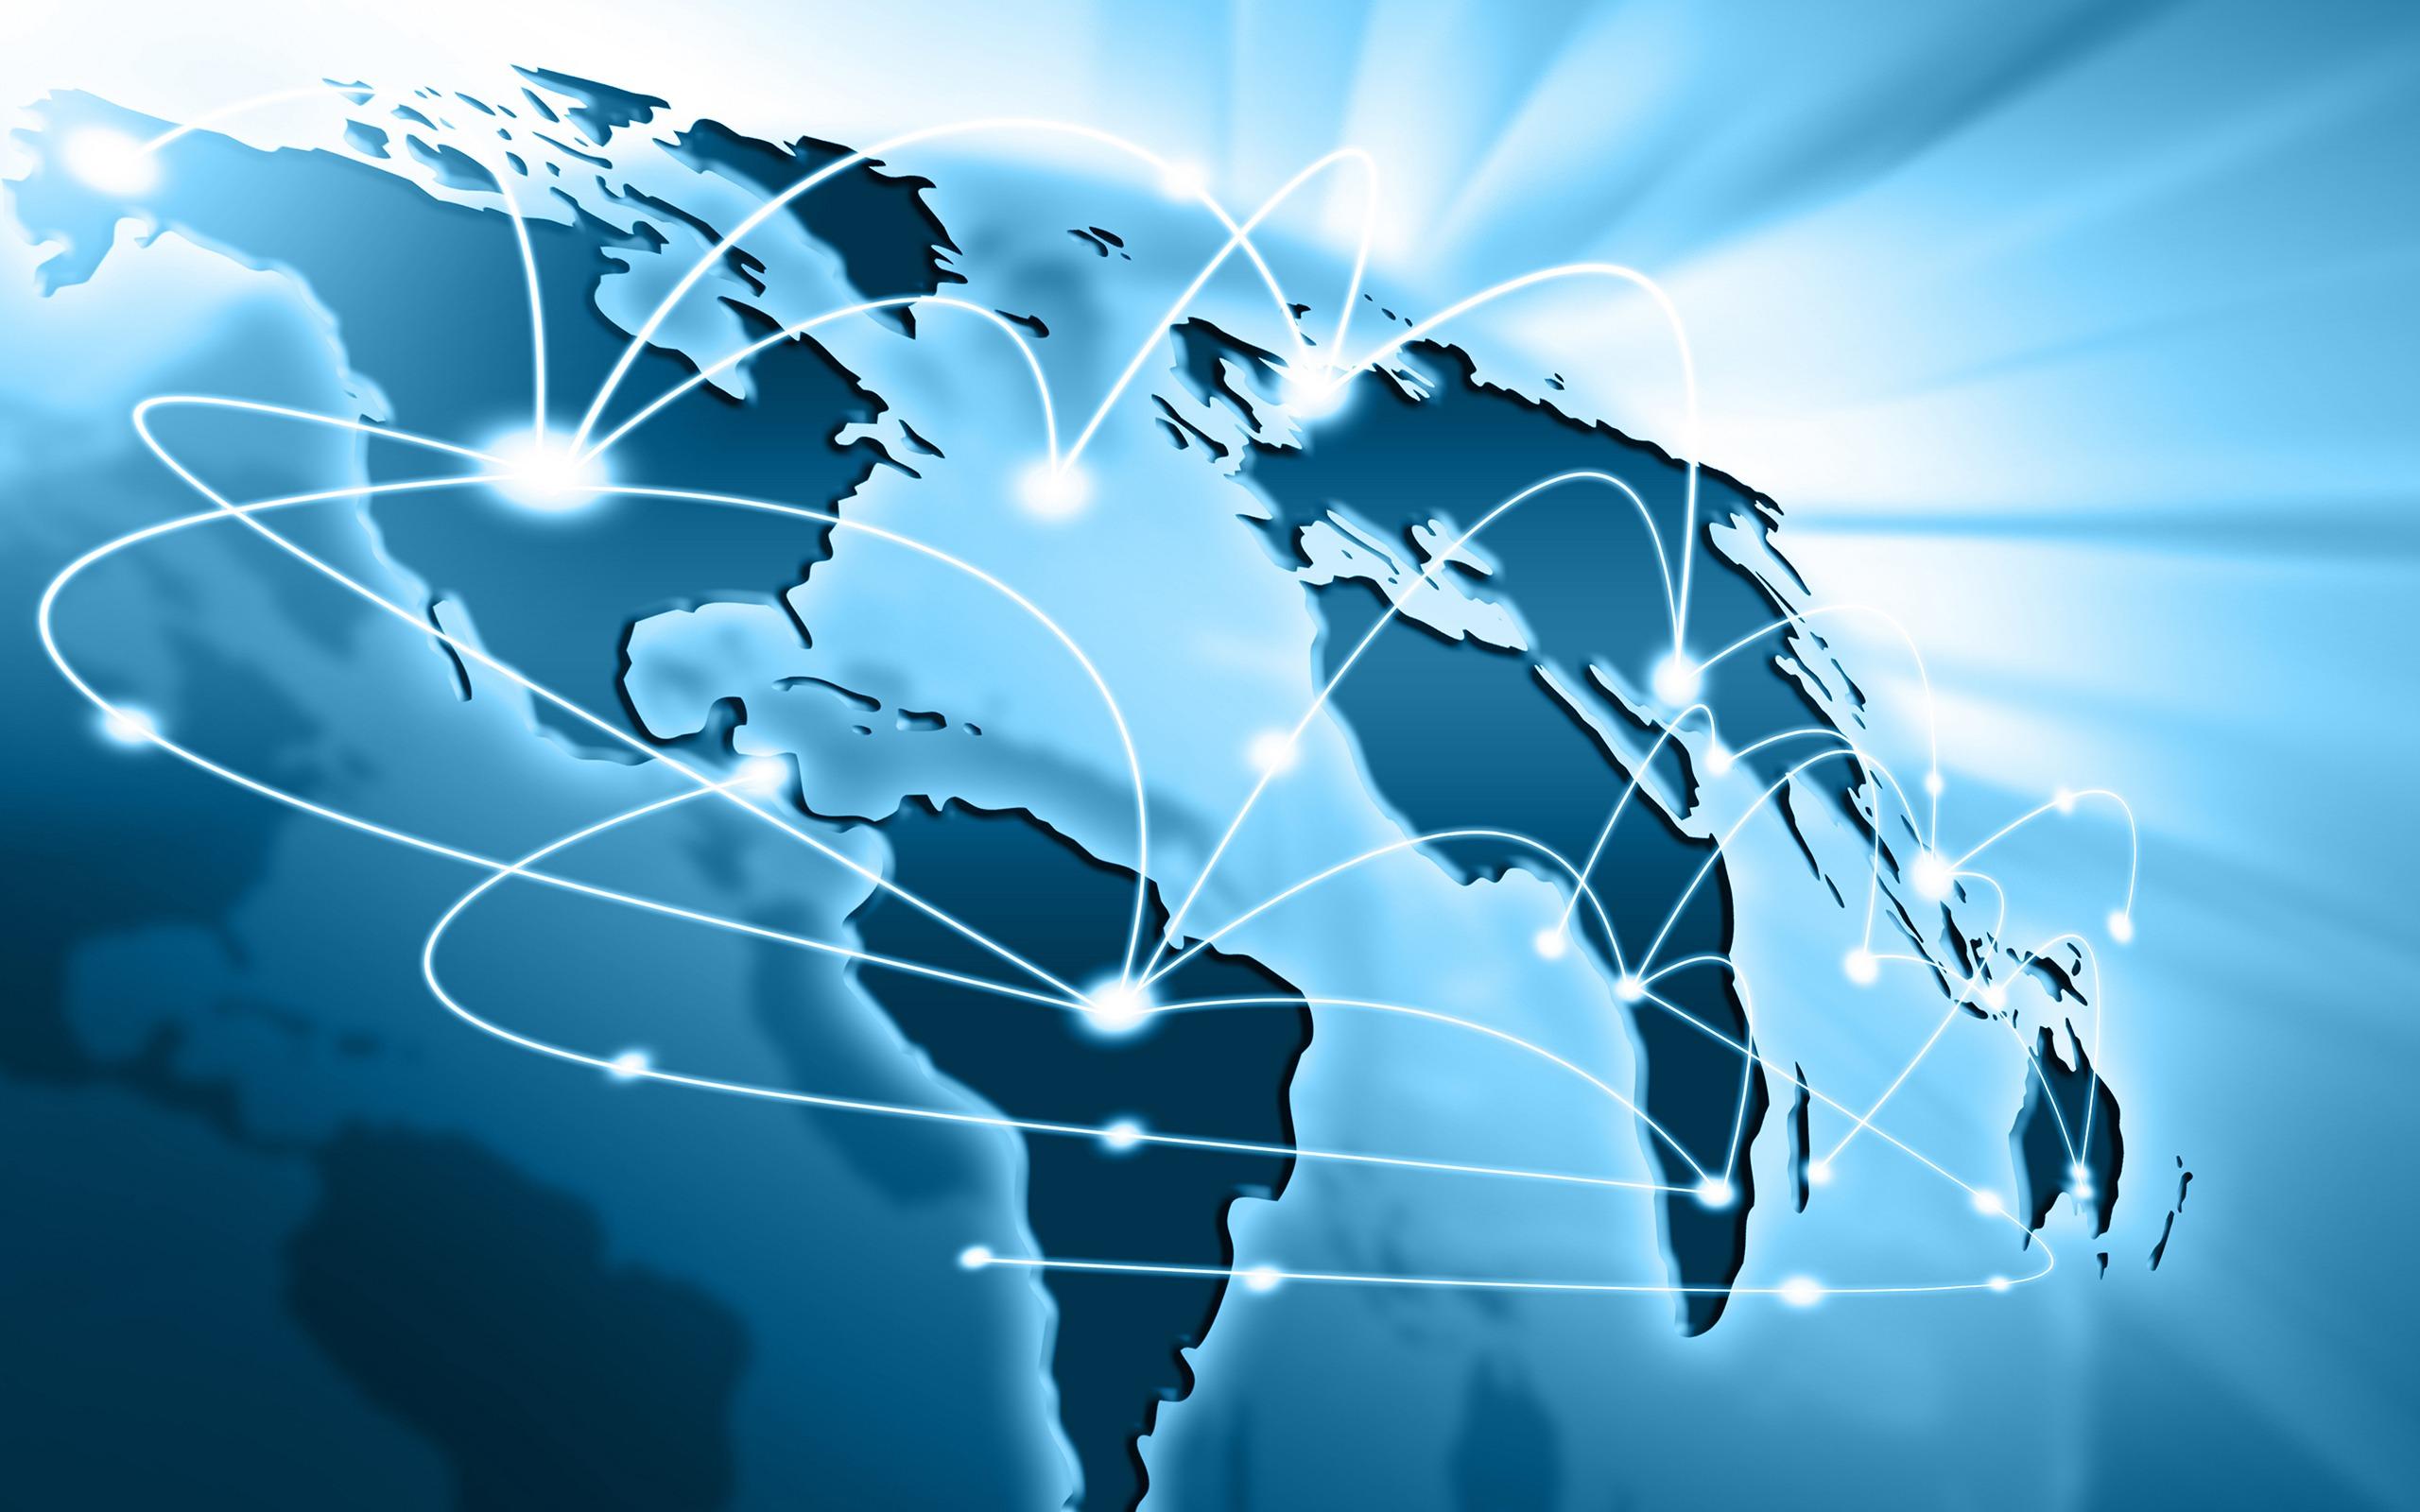 internet business technology hd wallpaper 07 preview